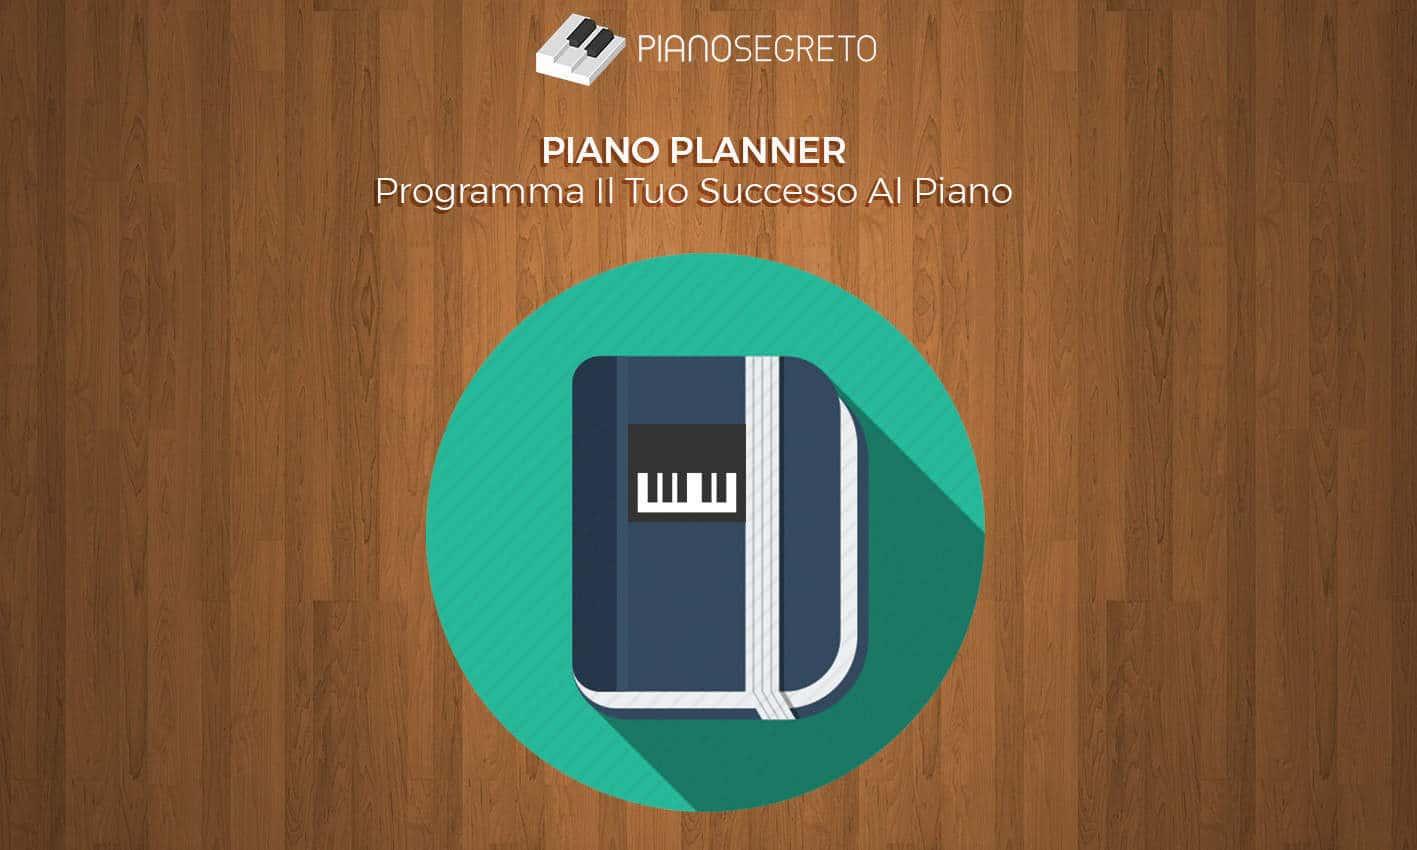 planner per studiare pianoforte